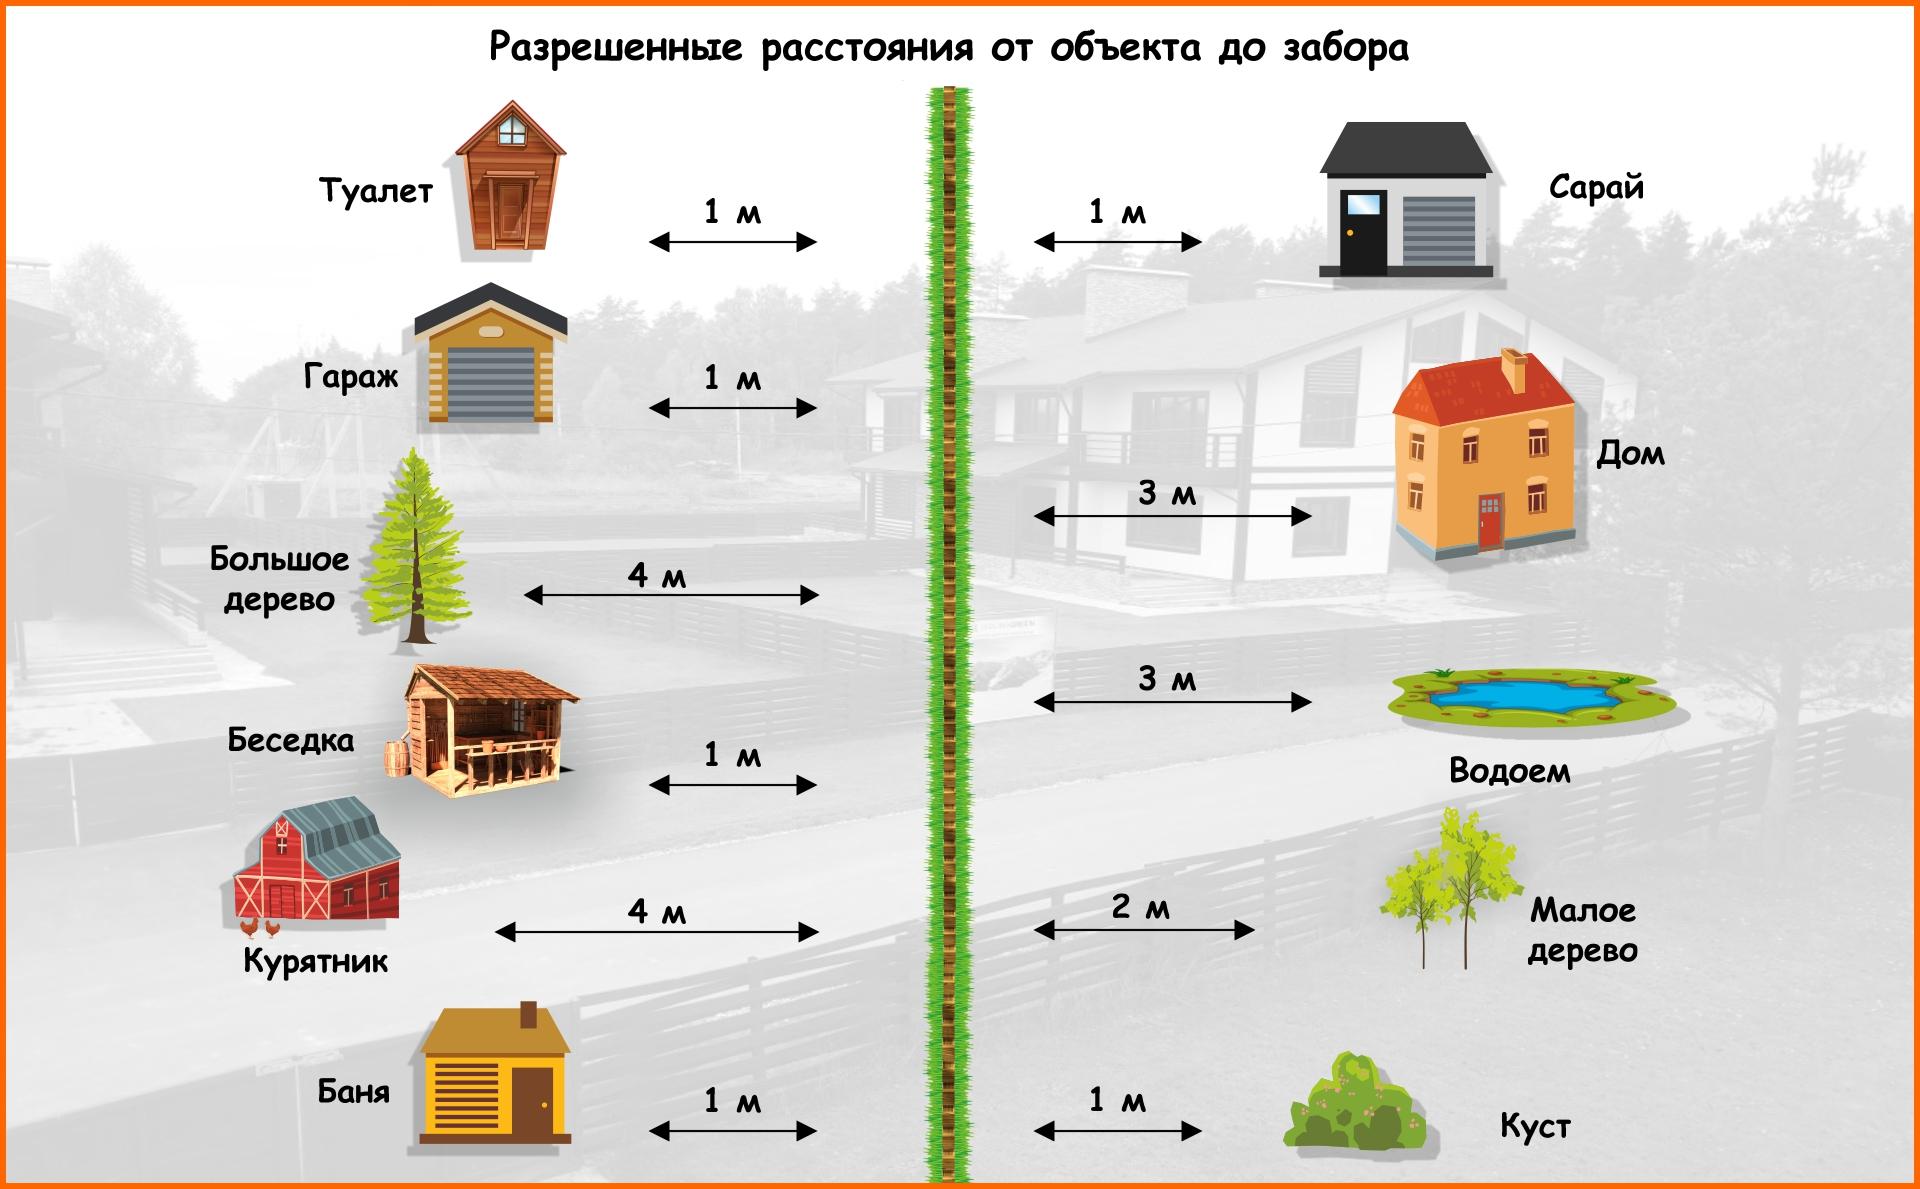 Расстояние от бани до дома: на каком можно строить по пожарной безопасности, нормы снип на одном участке в снт и ижс, закон